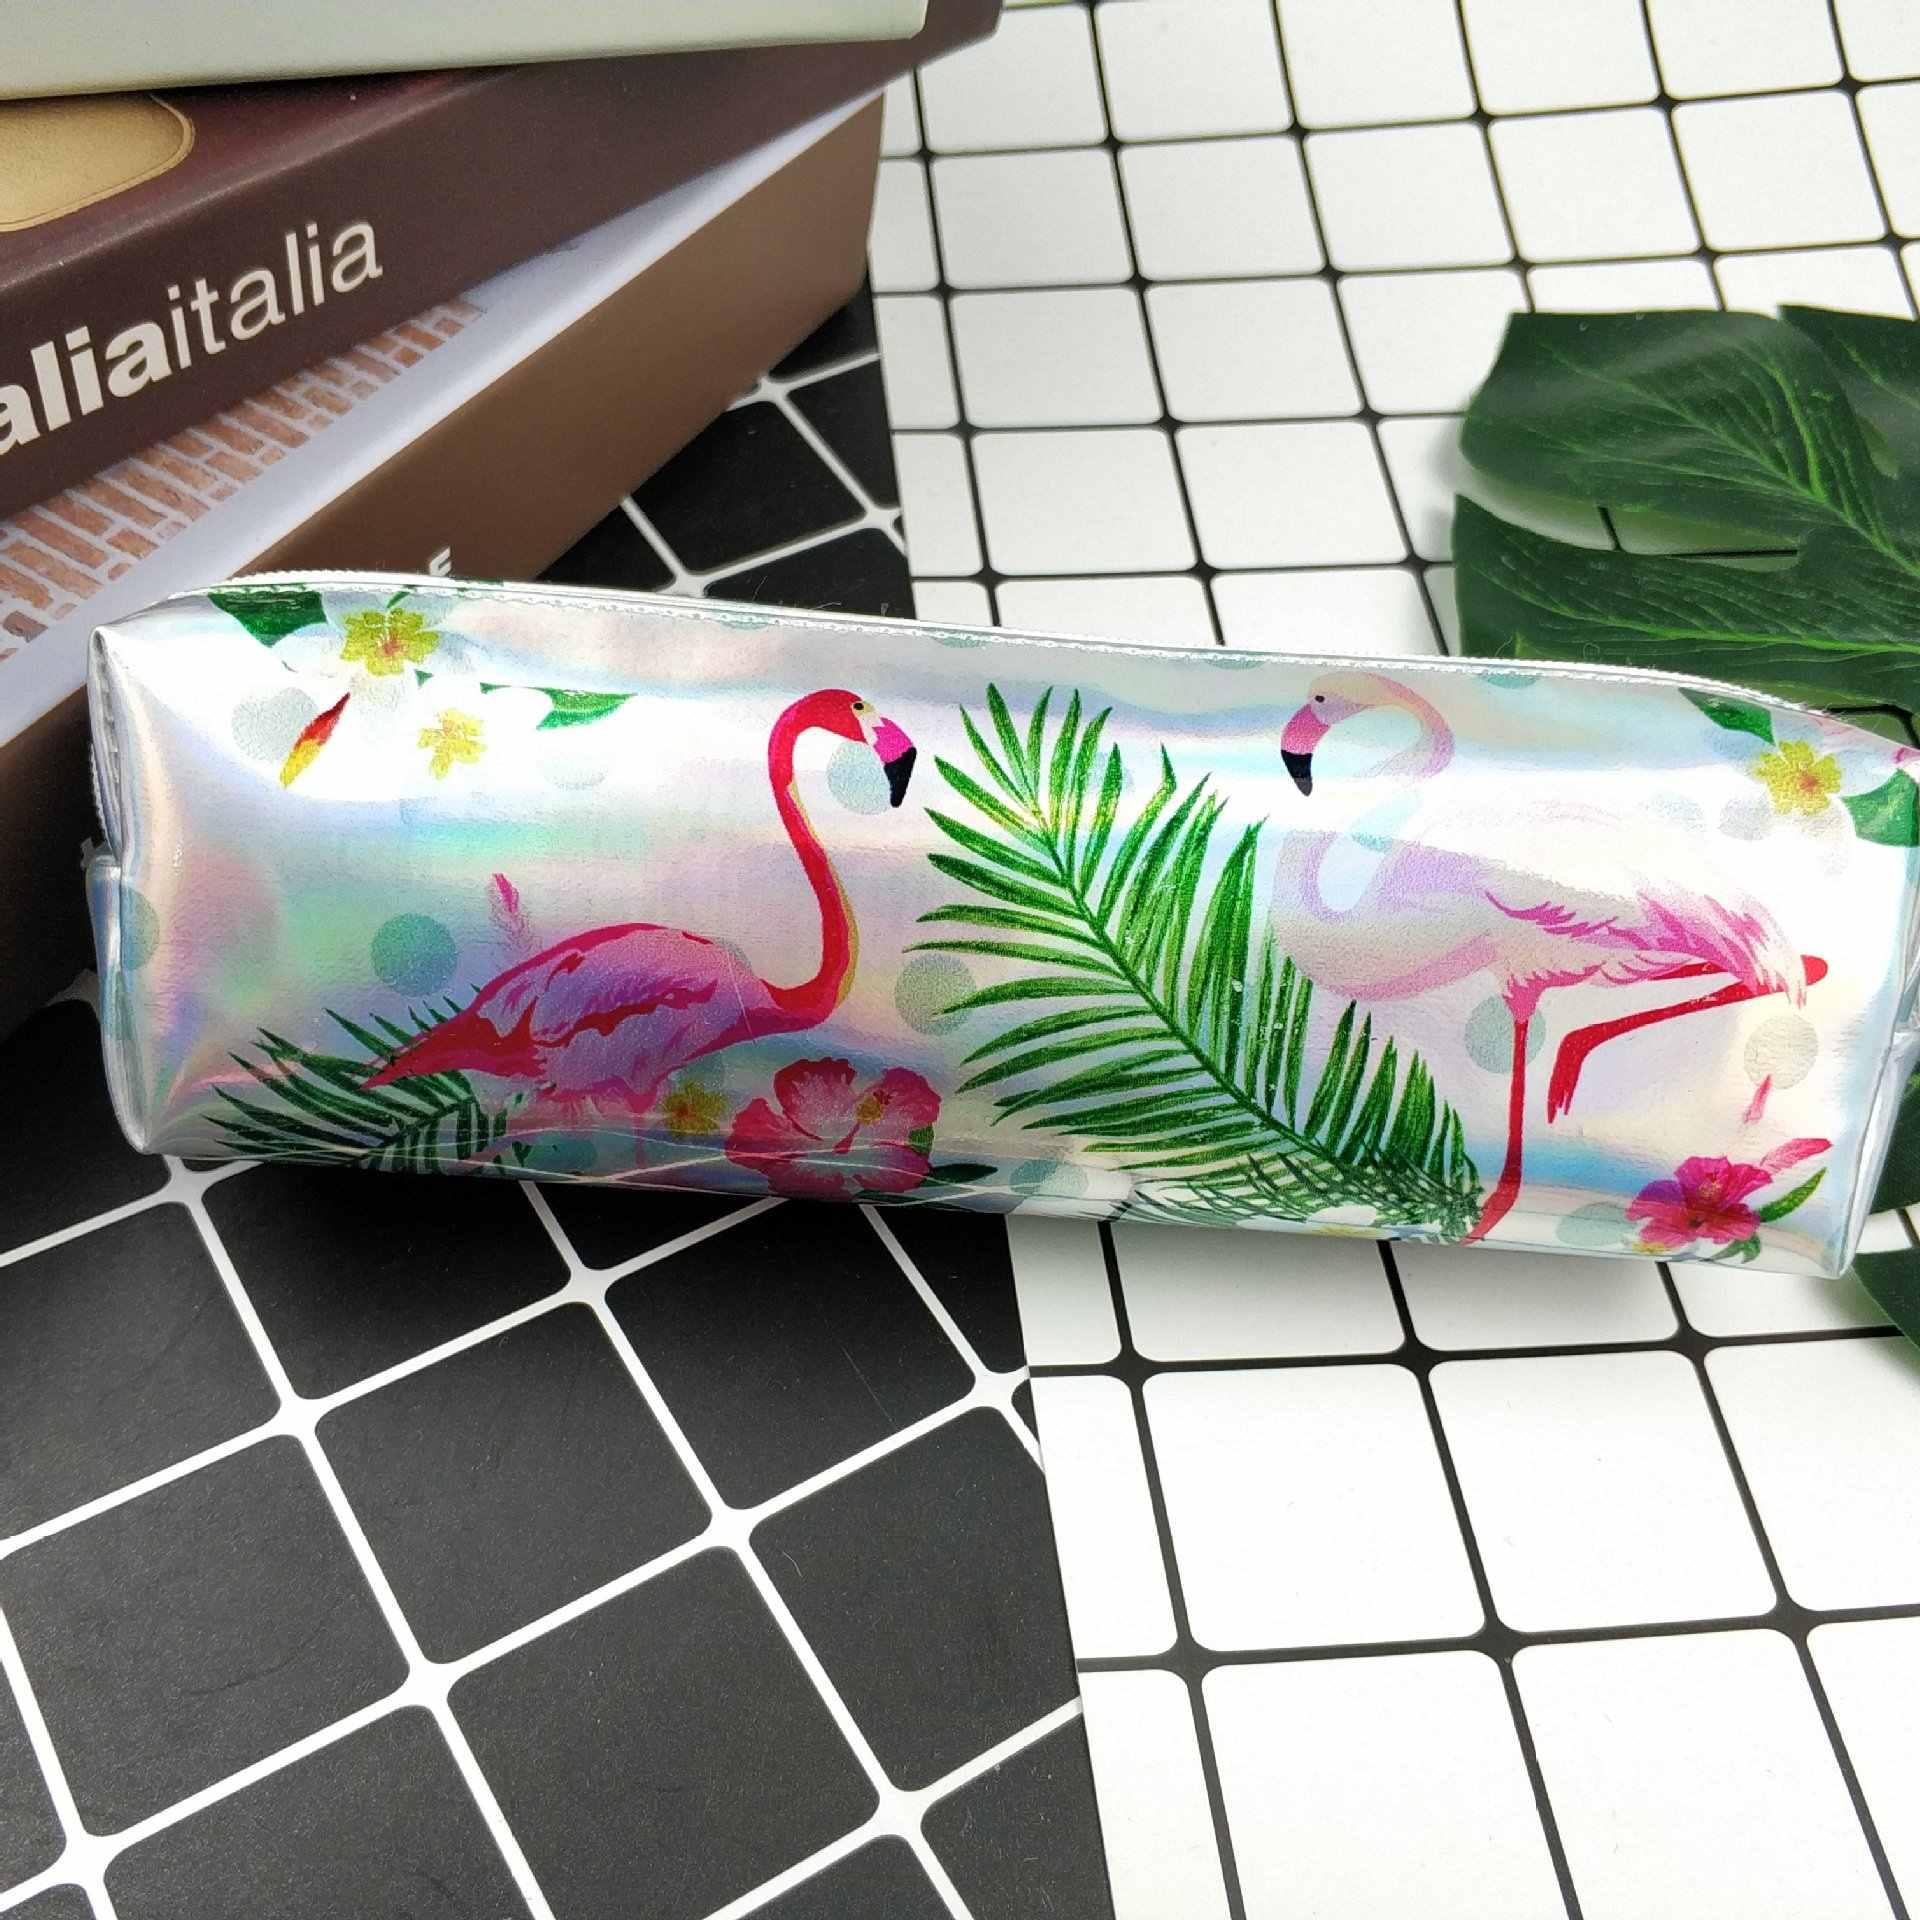 เลเซอร์ Flamingos กระเป๋าเดินทางดิจิตอลแบบพกพา USB Gadget Charger สายเครื่องสำอางค์ซิปกระเป๋าอุปกรณ์เสริม